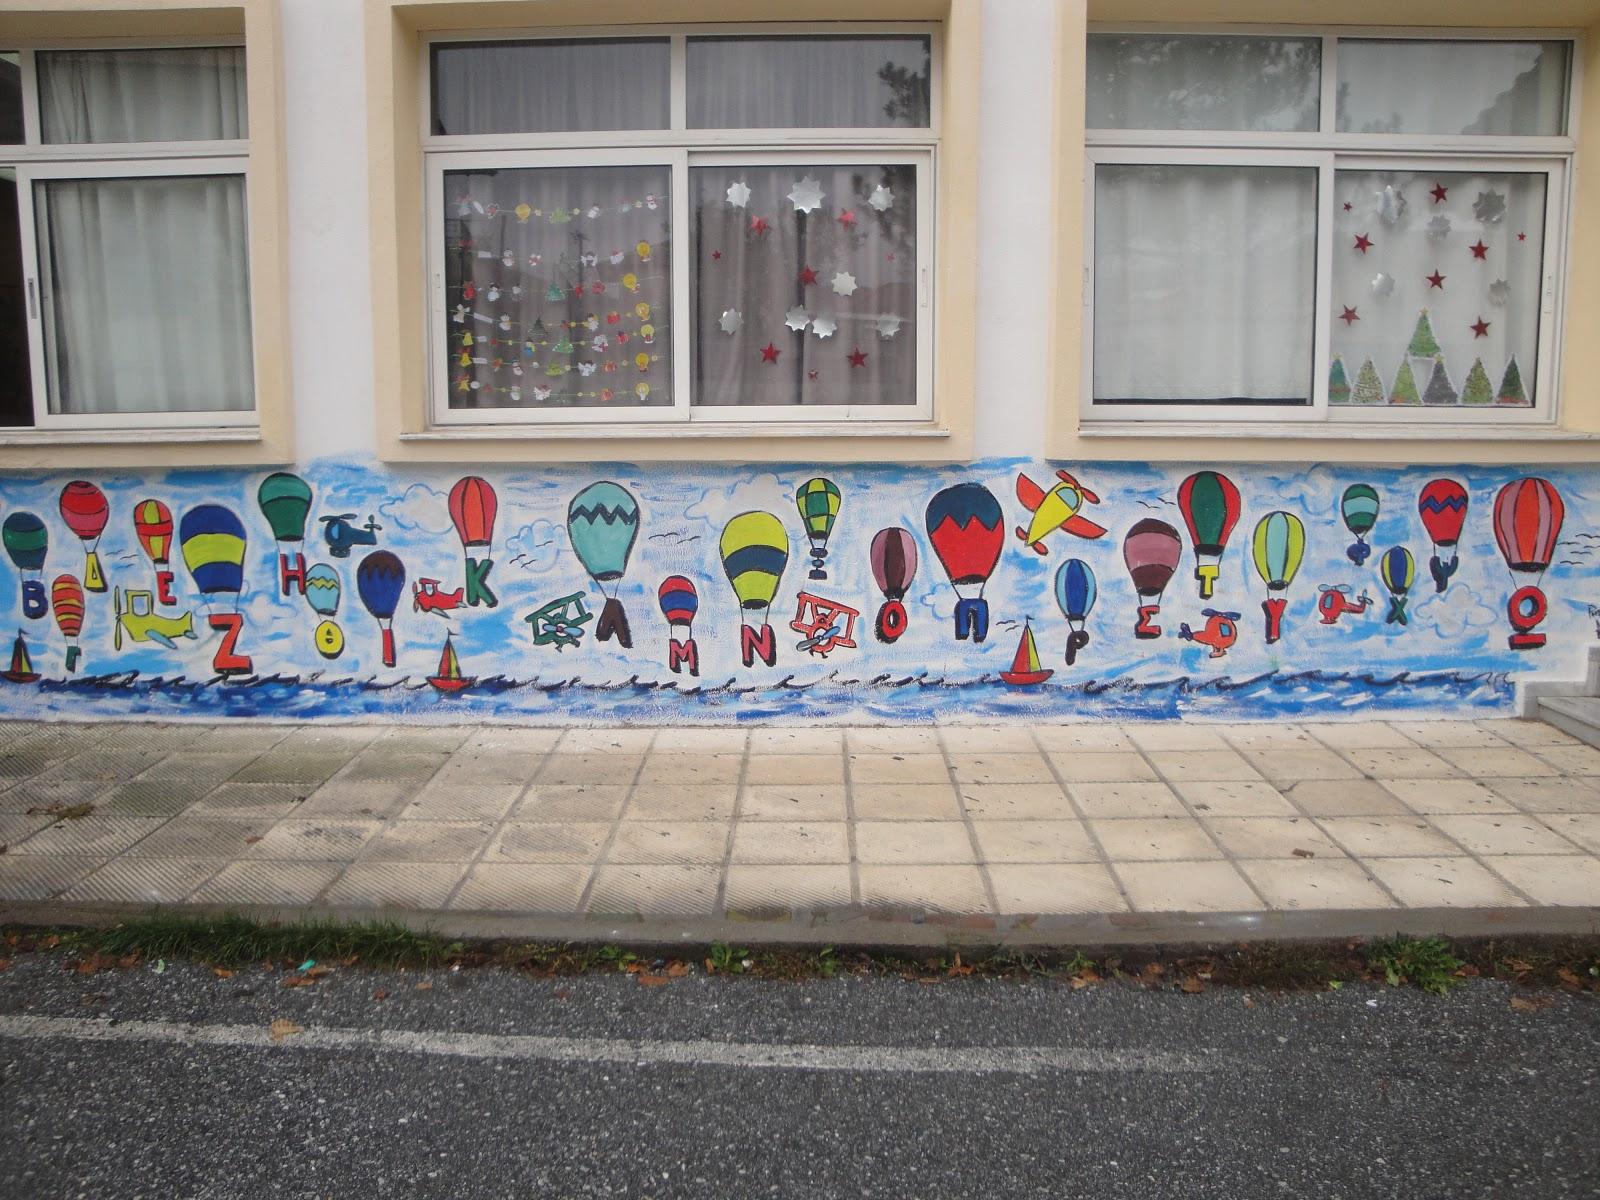 Ακόμη μία  τοιχογραφία στο Δημοτικό Σχολείο του Στανού